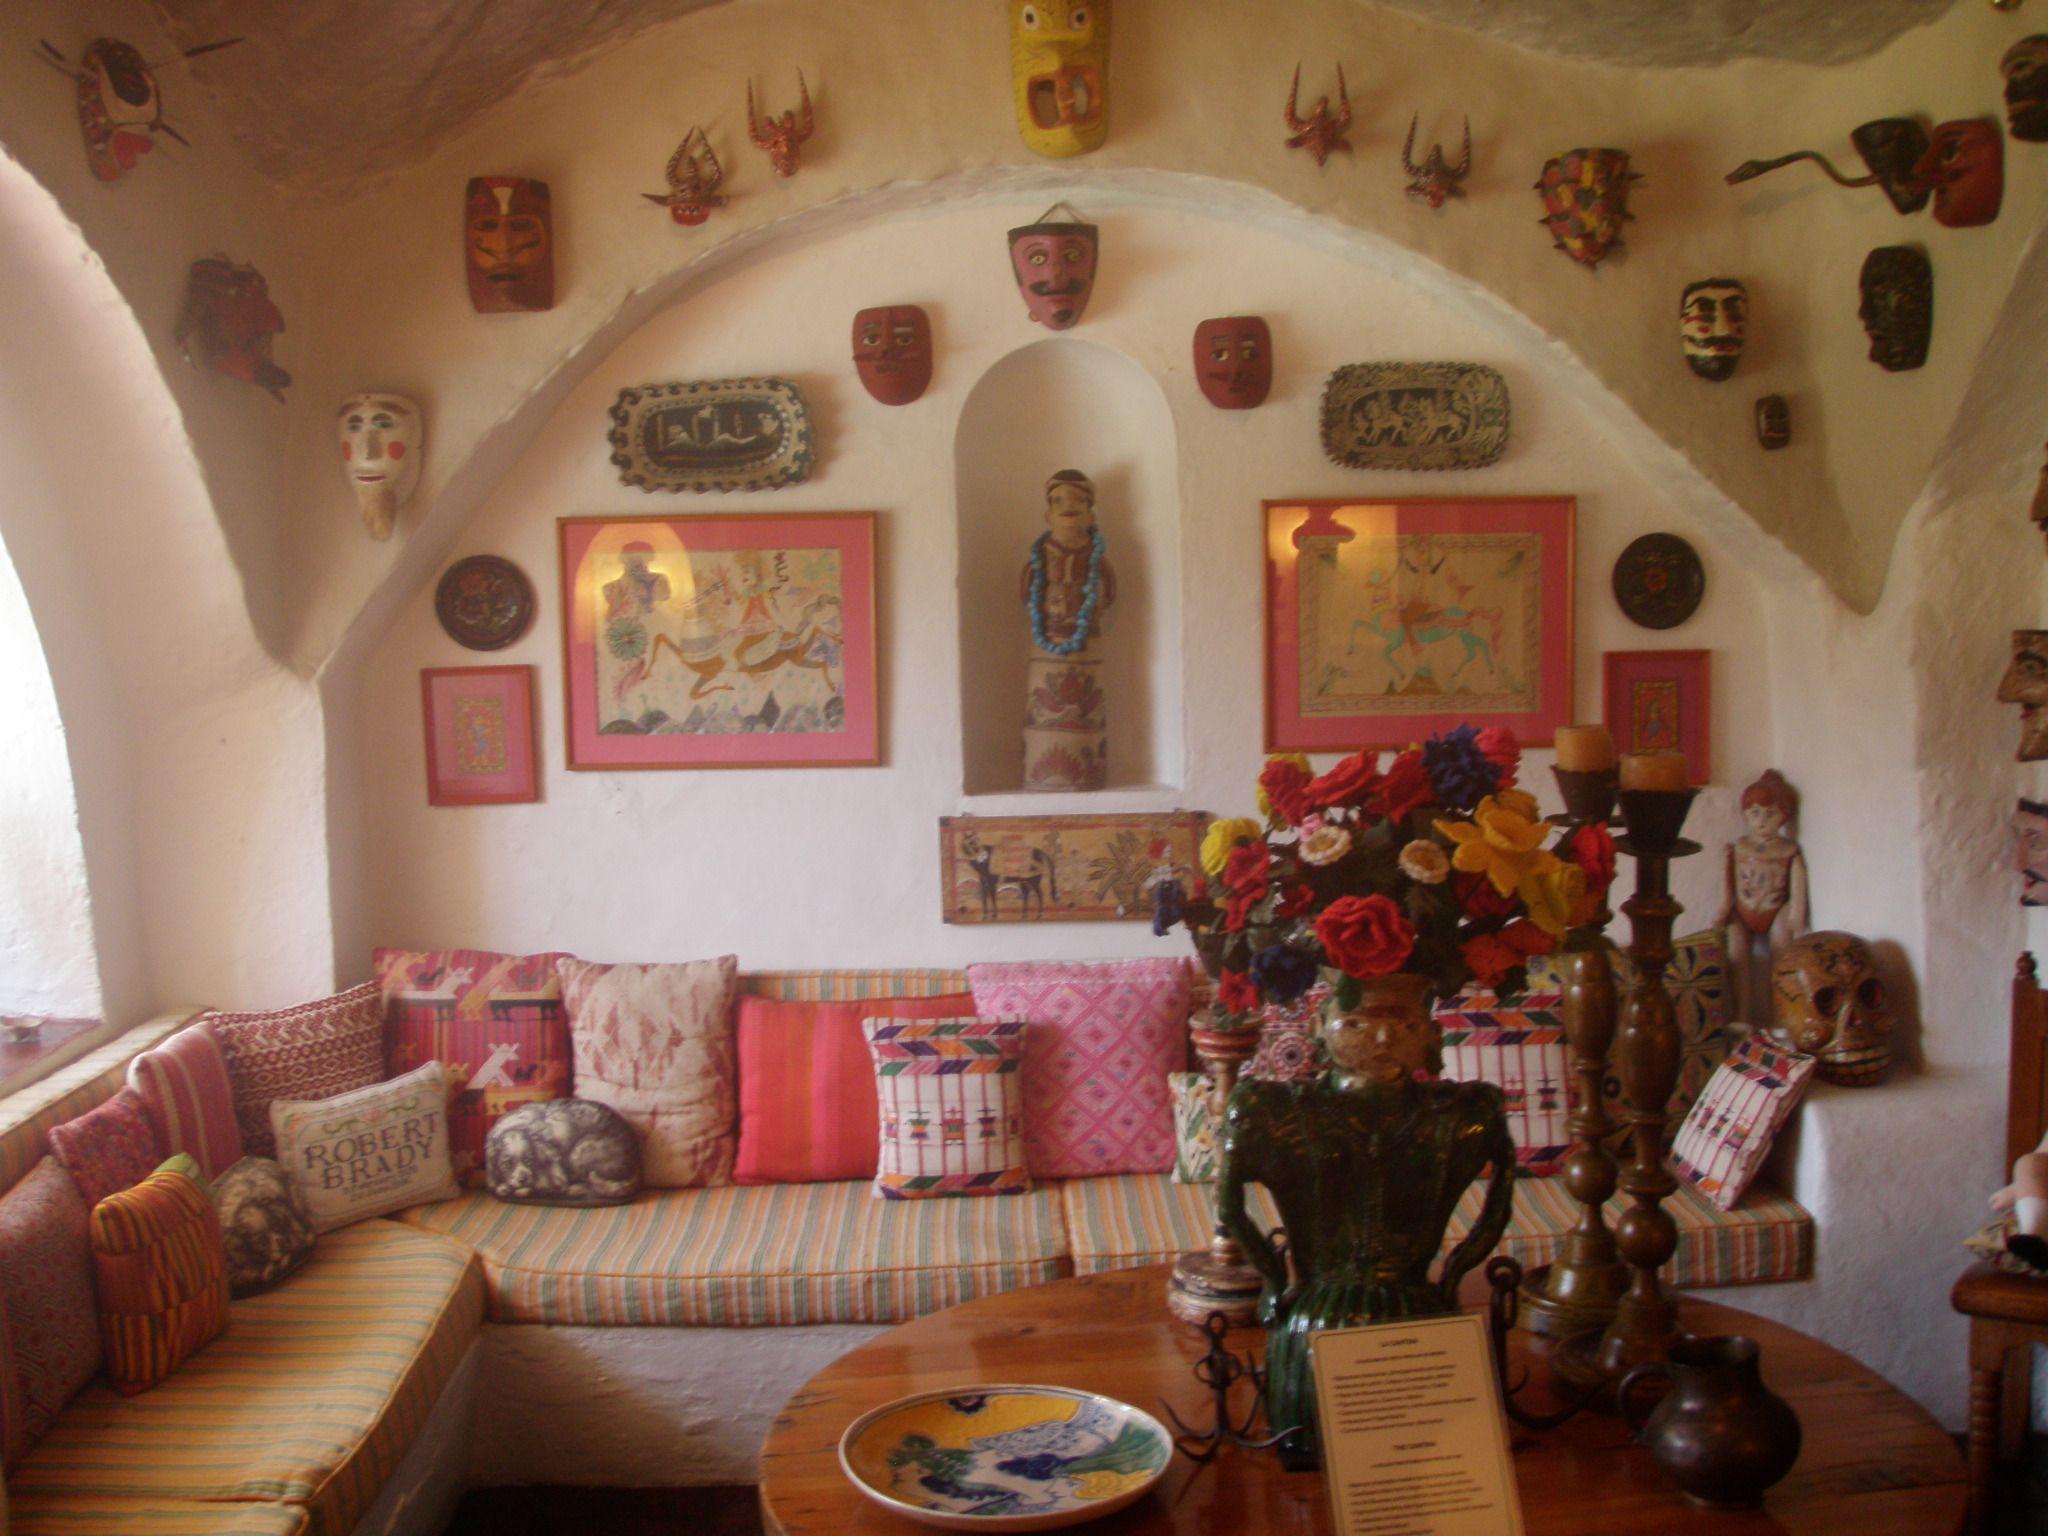 Repin decoraci n de interiores - Imagenes de decoracion de interiores ...